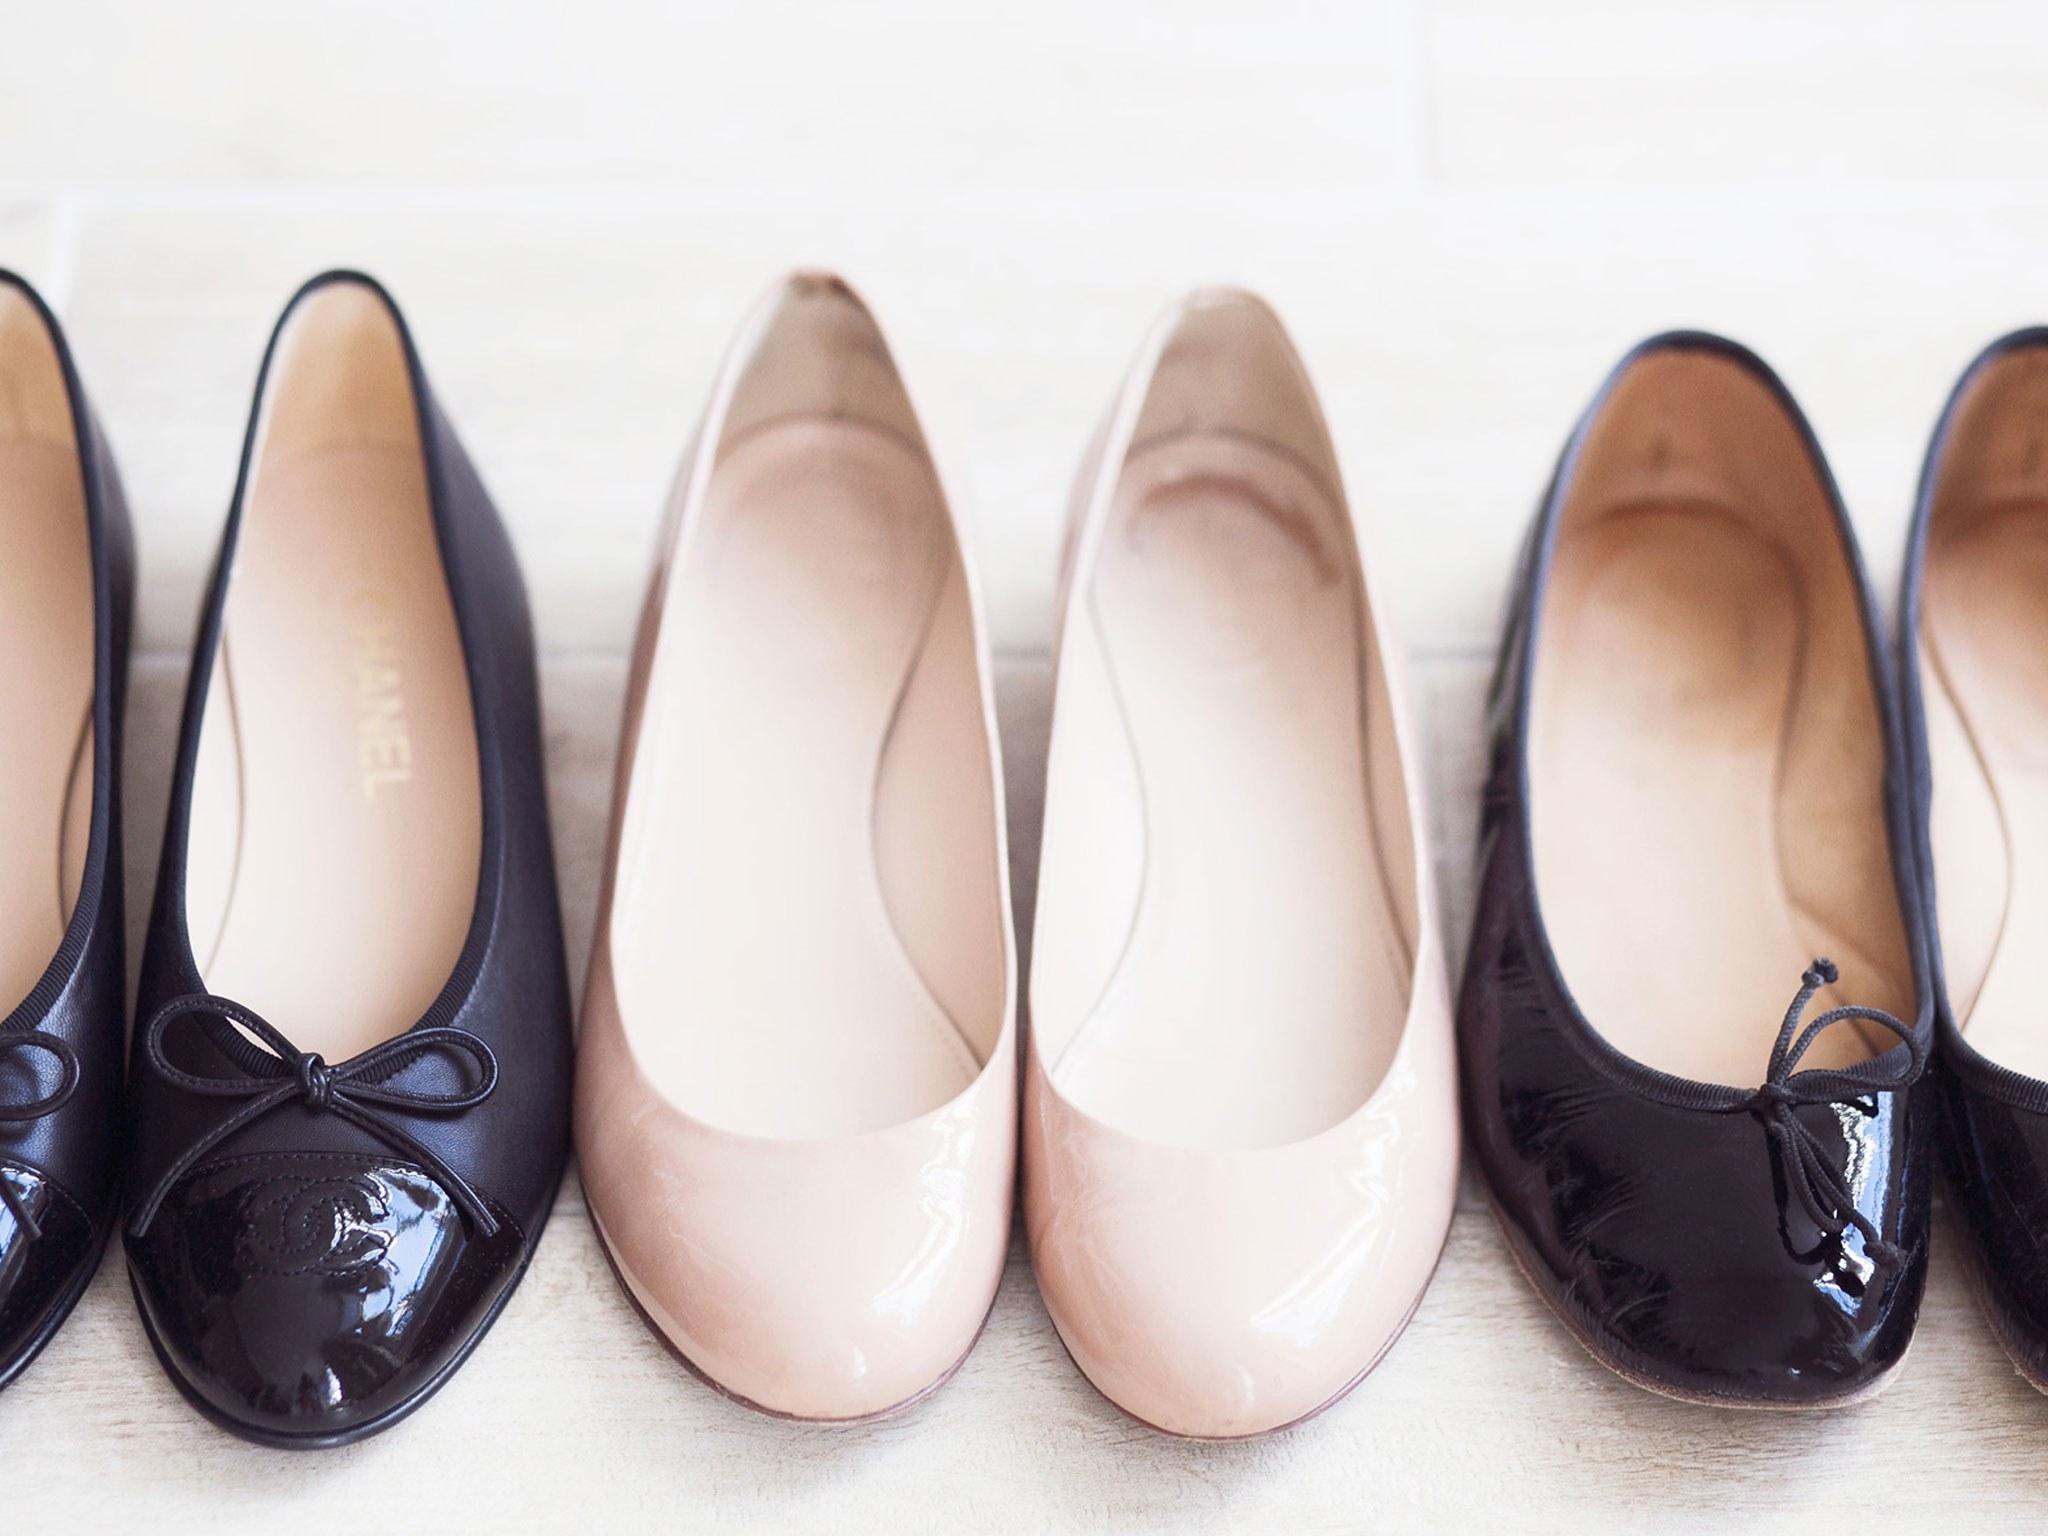 50744c622 Среди поклонниц непринуждённого стиля весьма популярны лоферы – туфли без  застёжки на небольшом каблуке. Летом у городских модниц в фаворе стильные  слипоны, ...